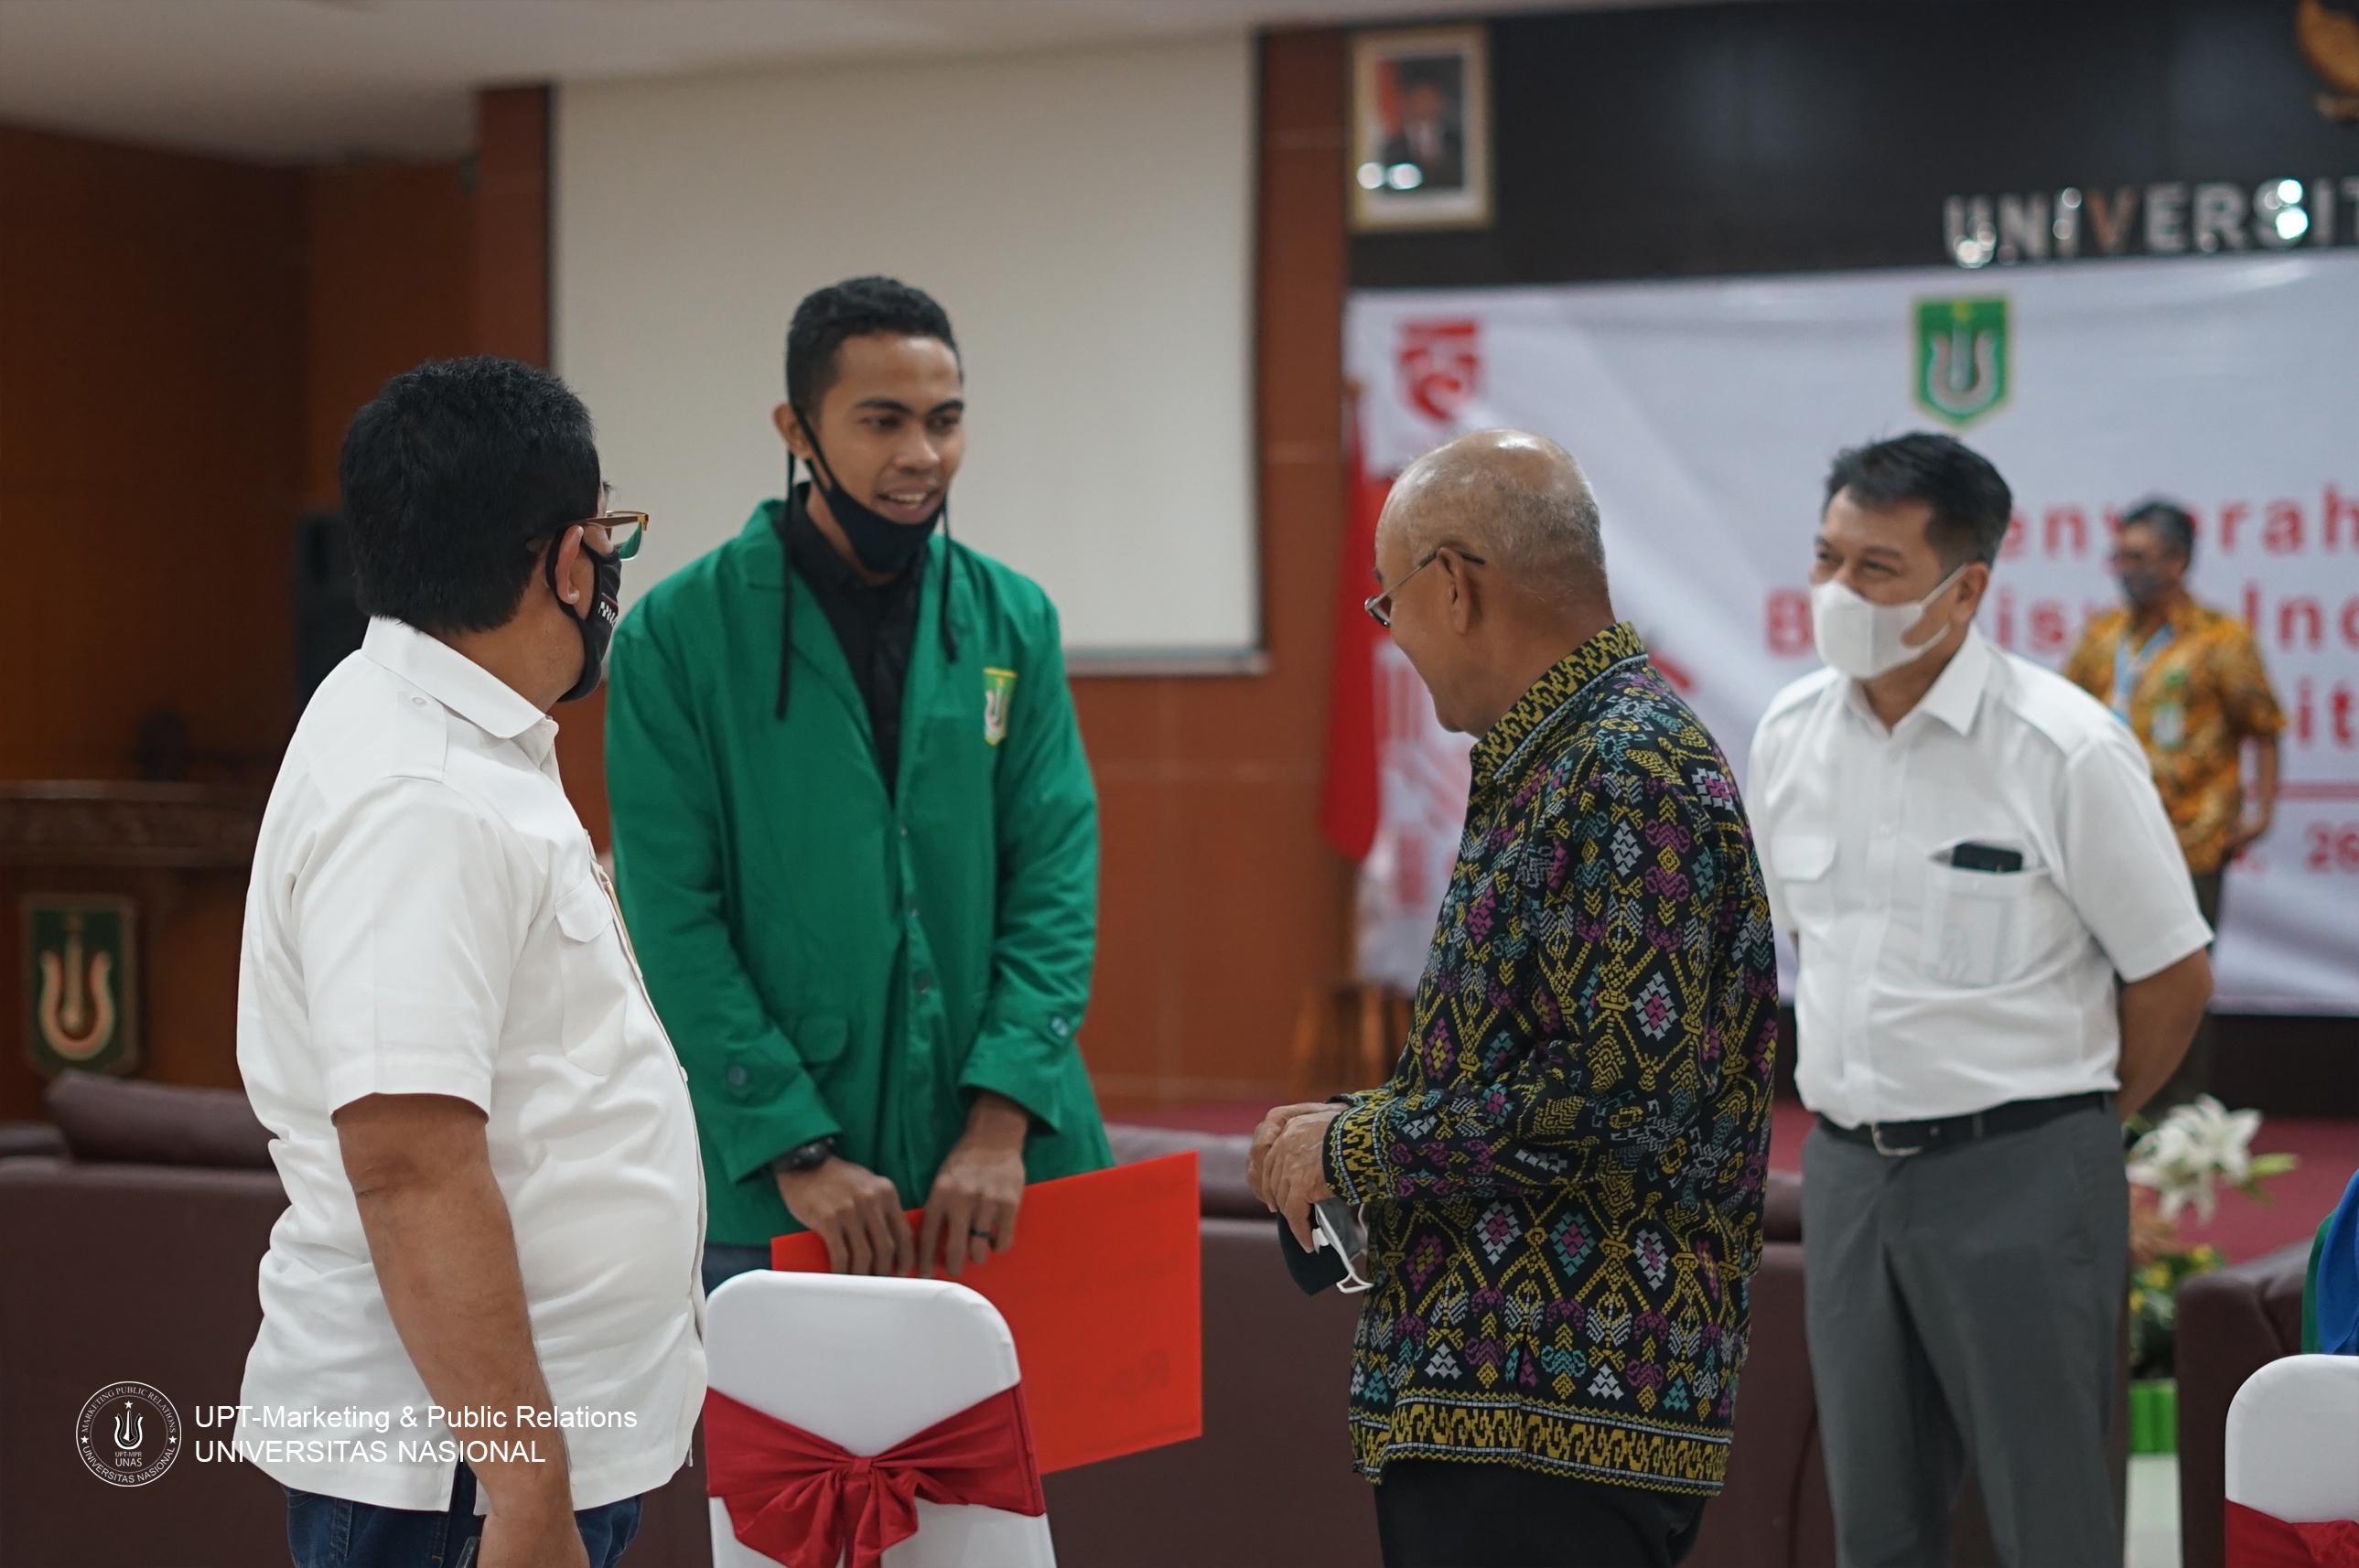 Rektor UNAS (Dr.Drs. El Amry Bermawi Putera, M.A) & (Pemimpin BRI Kanwil Jakarta) Hendro Padmono sedang berbincang dengan salah satu mahasiswa UNAS